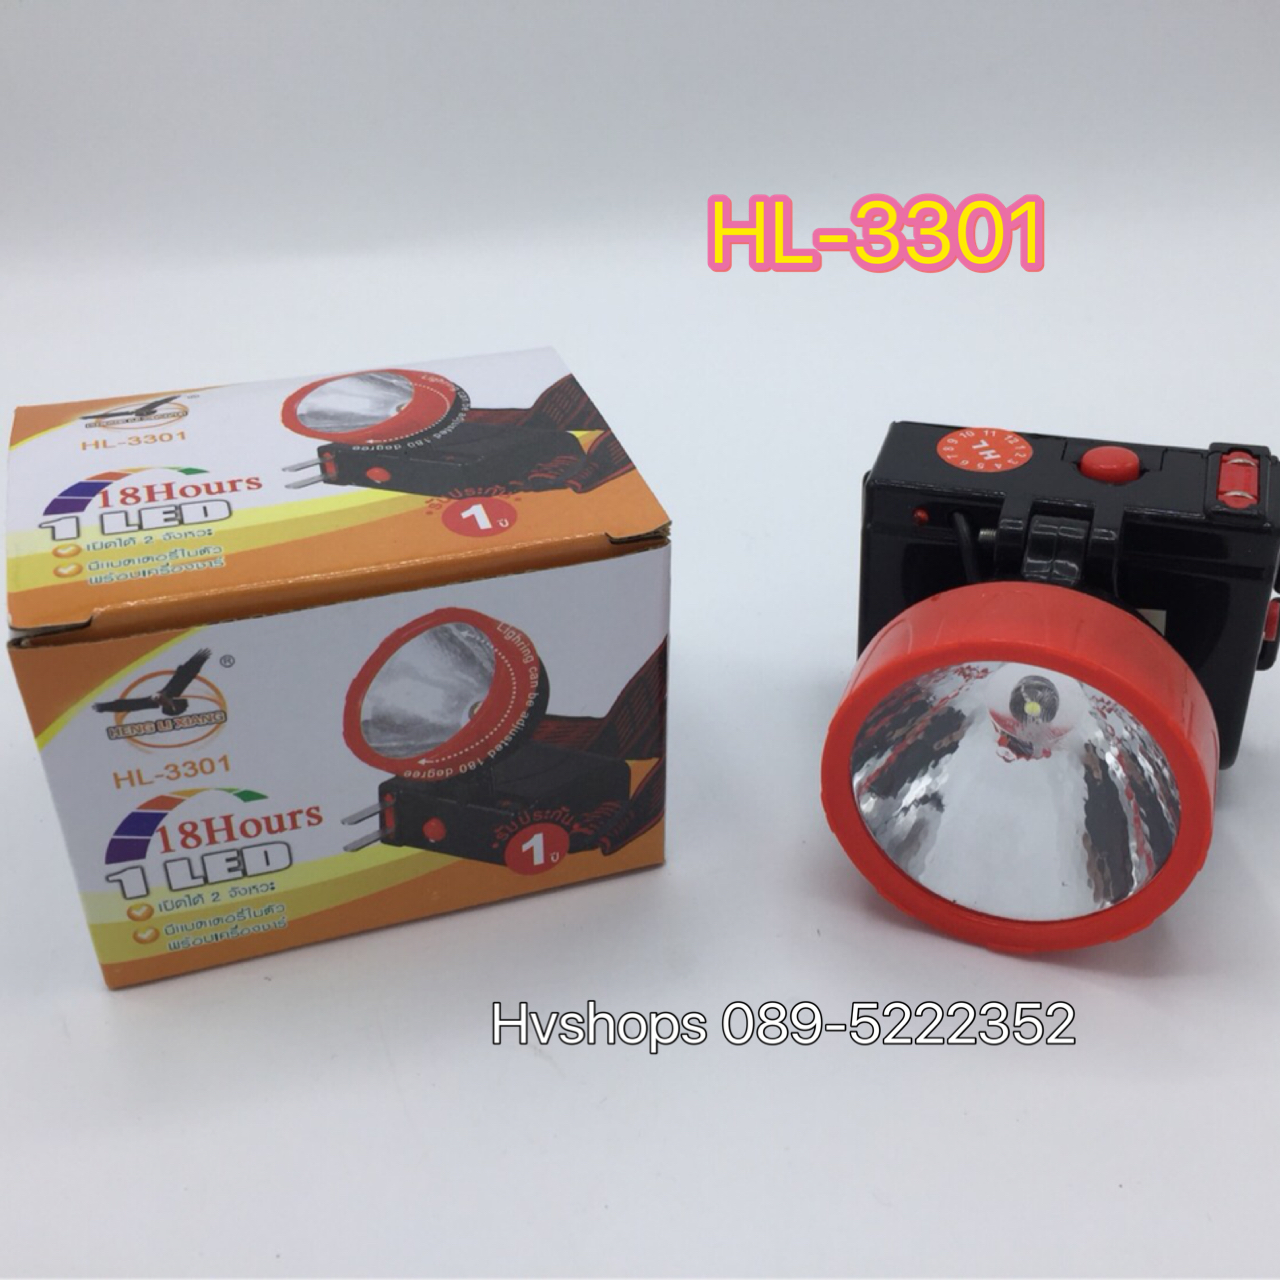 ไฟฉายคาดหัวรุ่น HL-3301